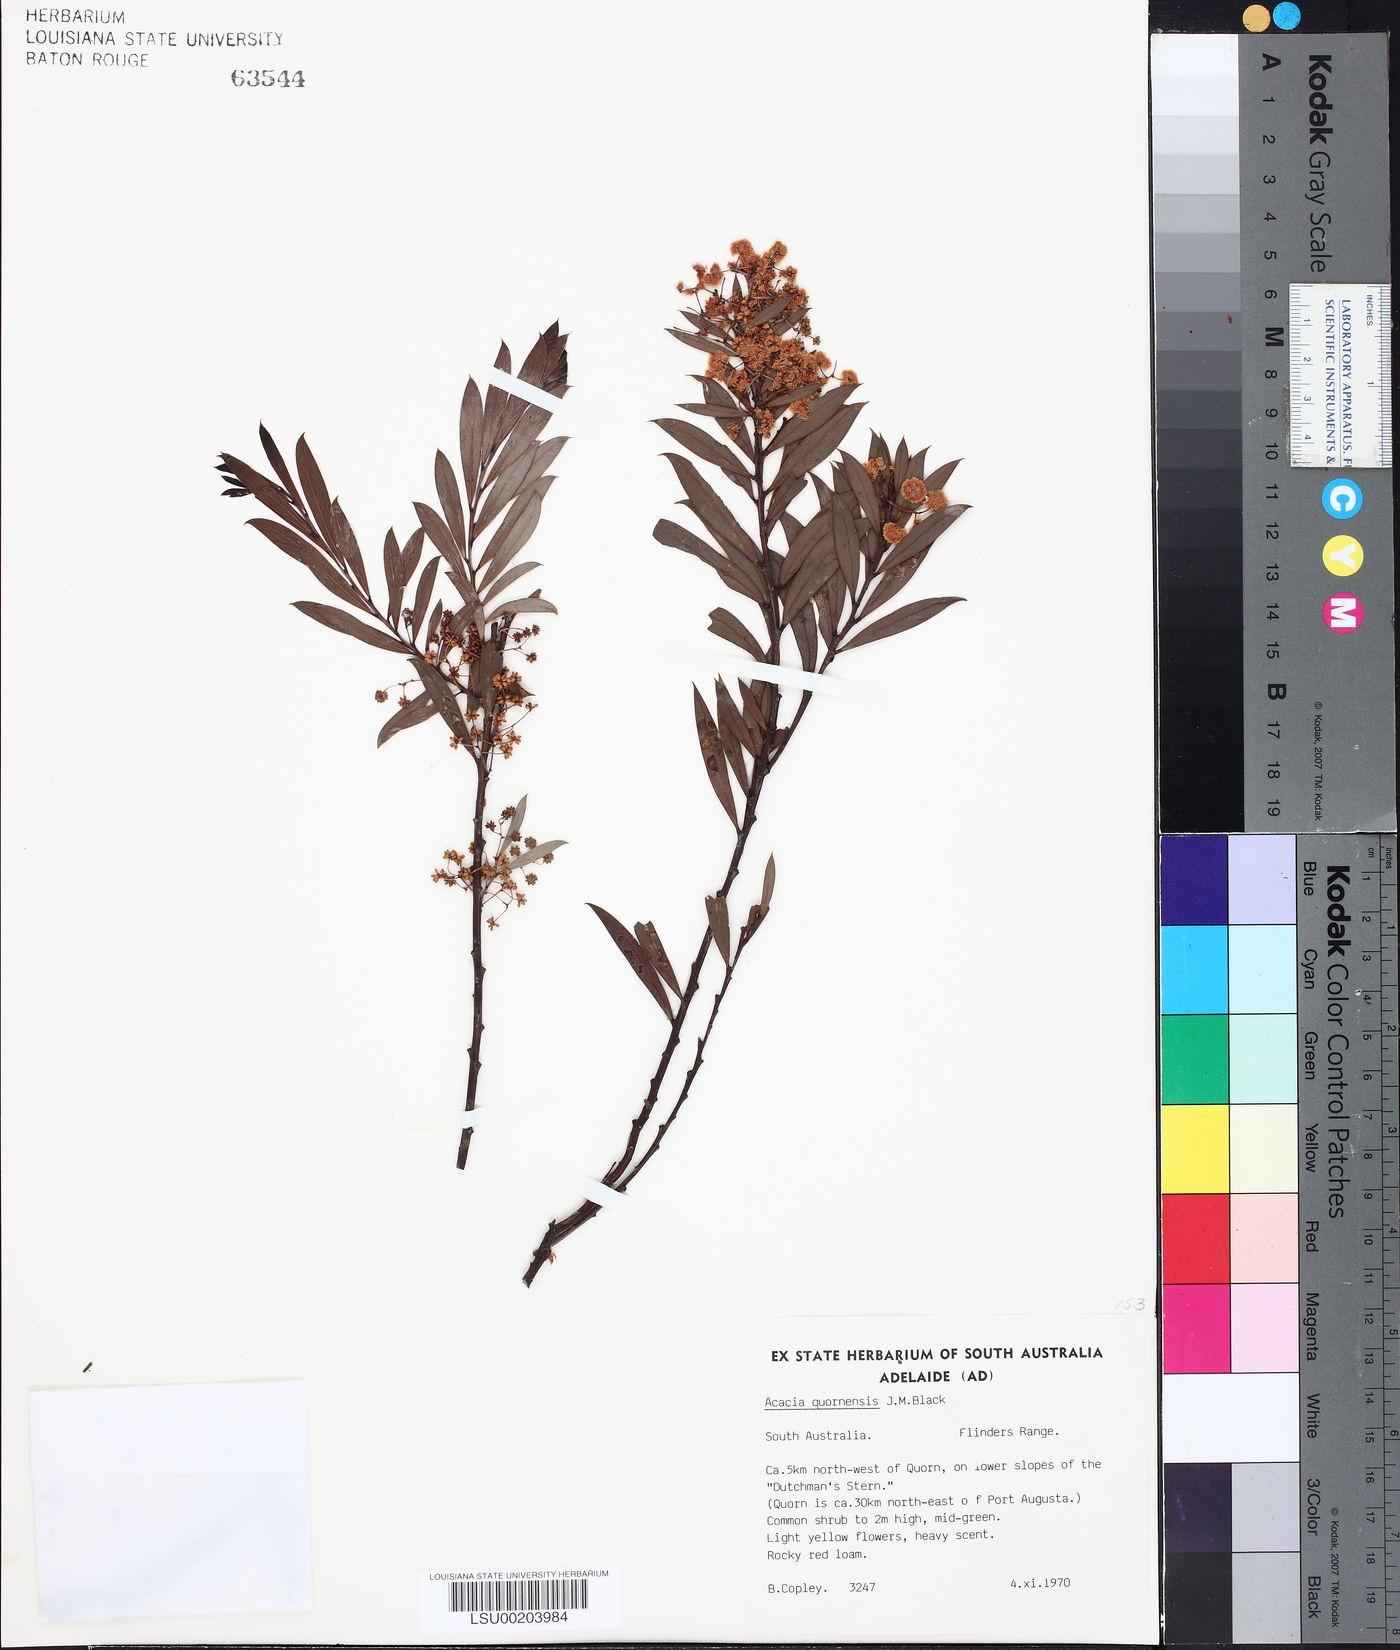 Acacia quornensis image